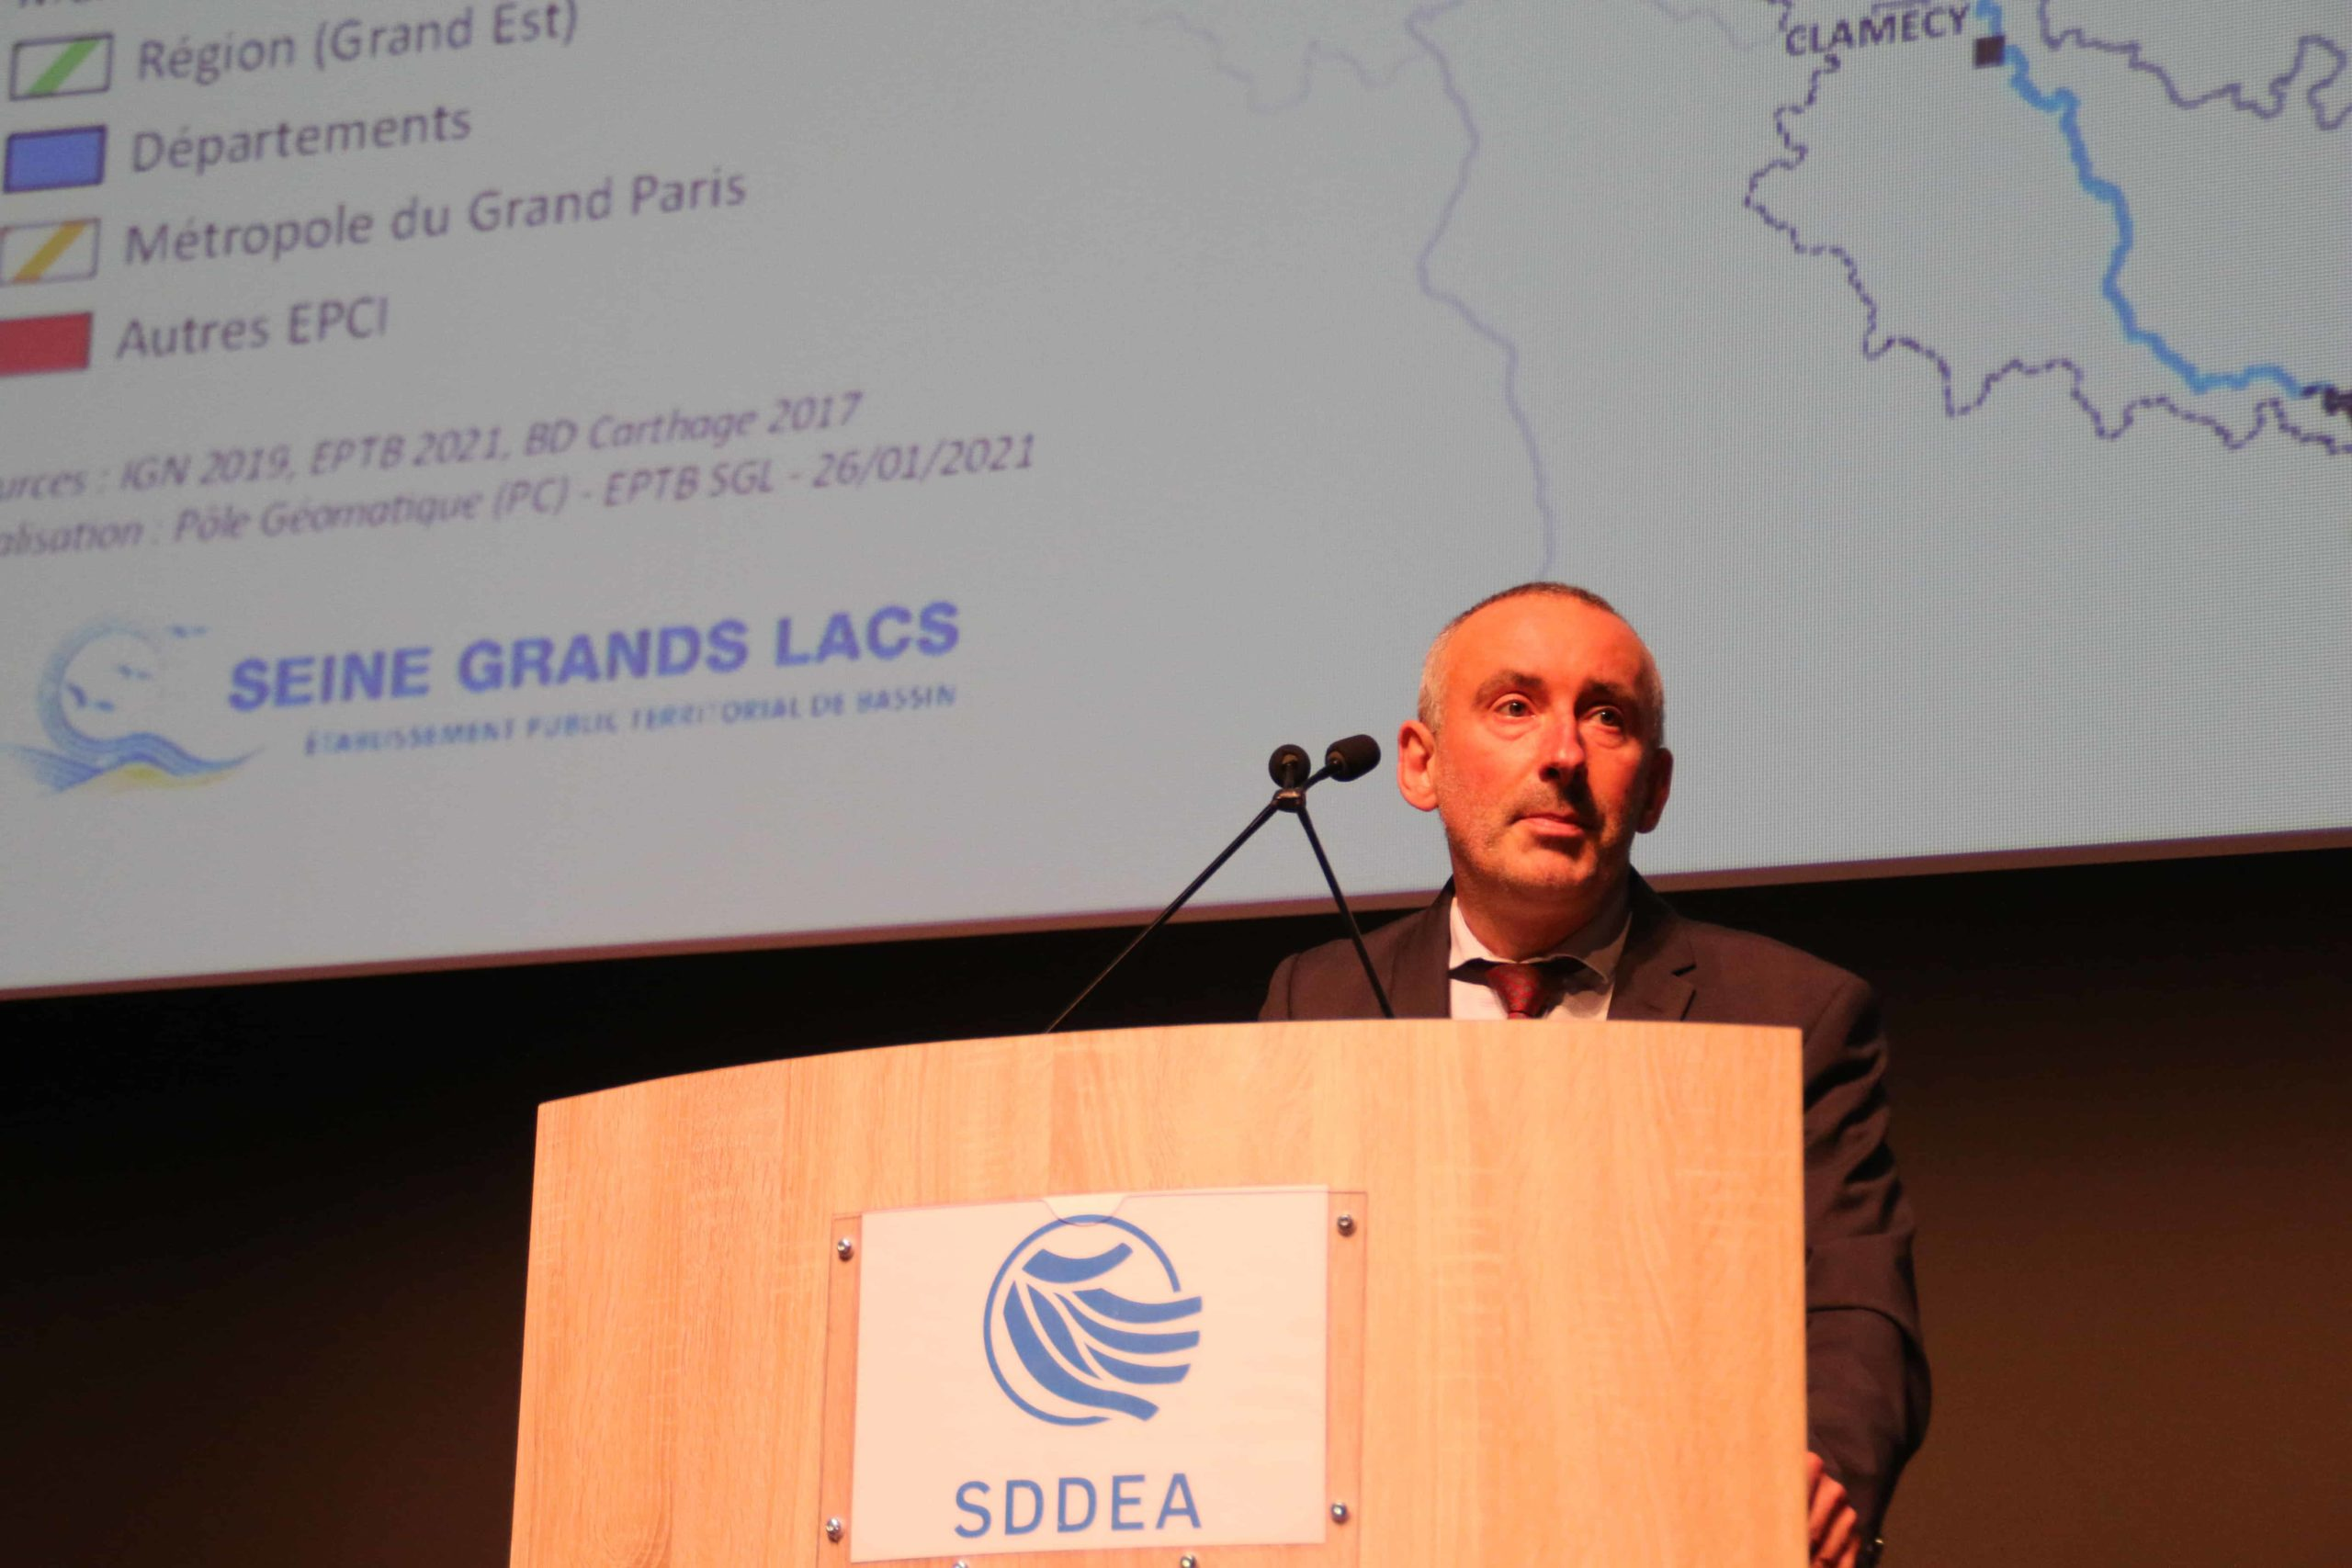 AG SDDEA 29 juin 2021 (14)